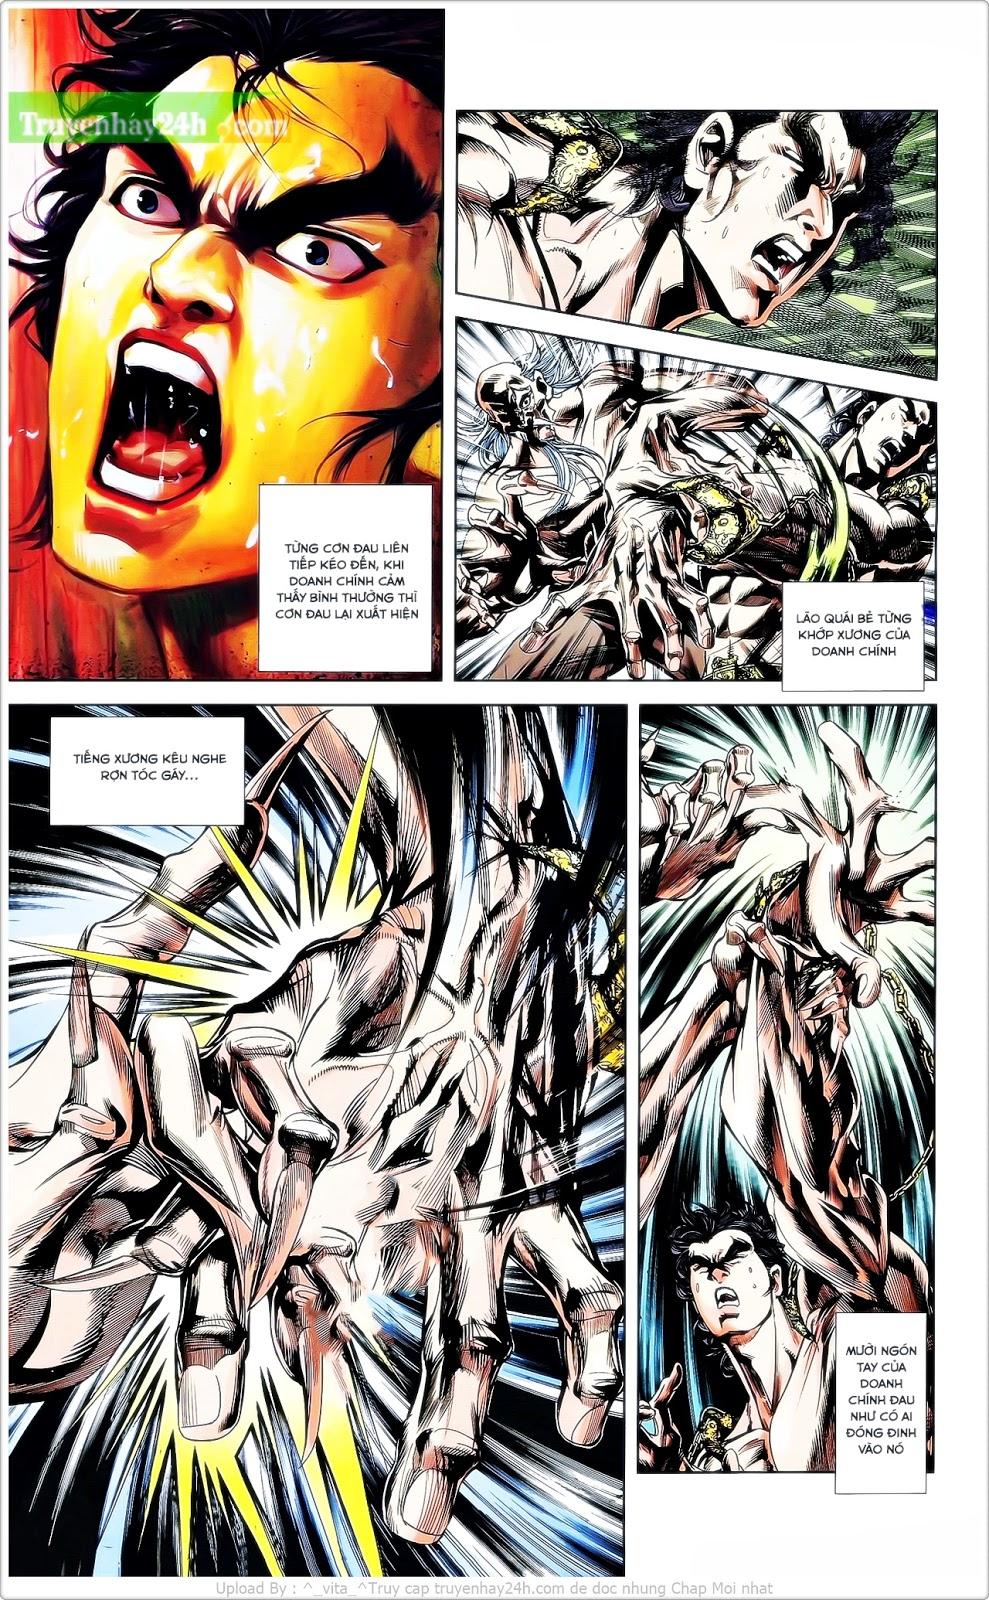 Tần Vương Doanh Chính chapter 25 trang 3